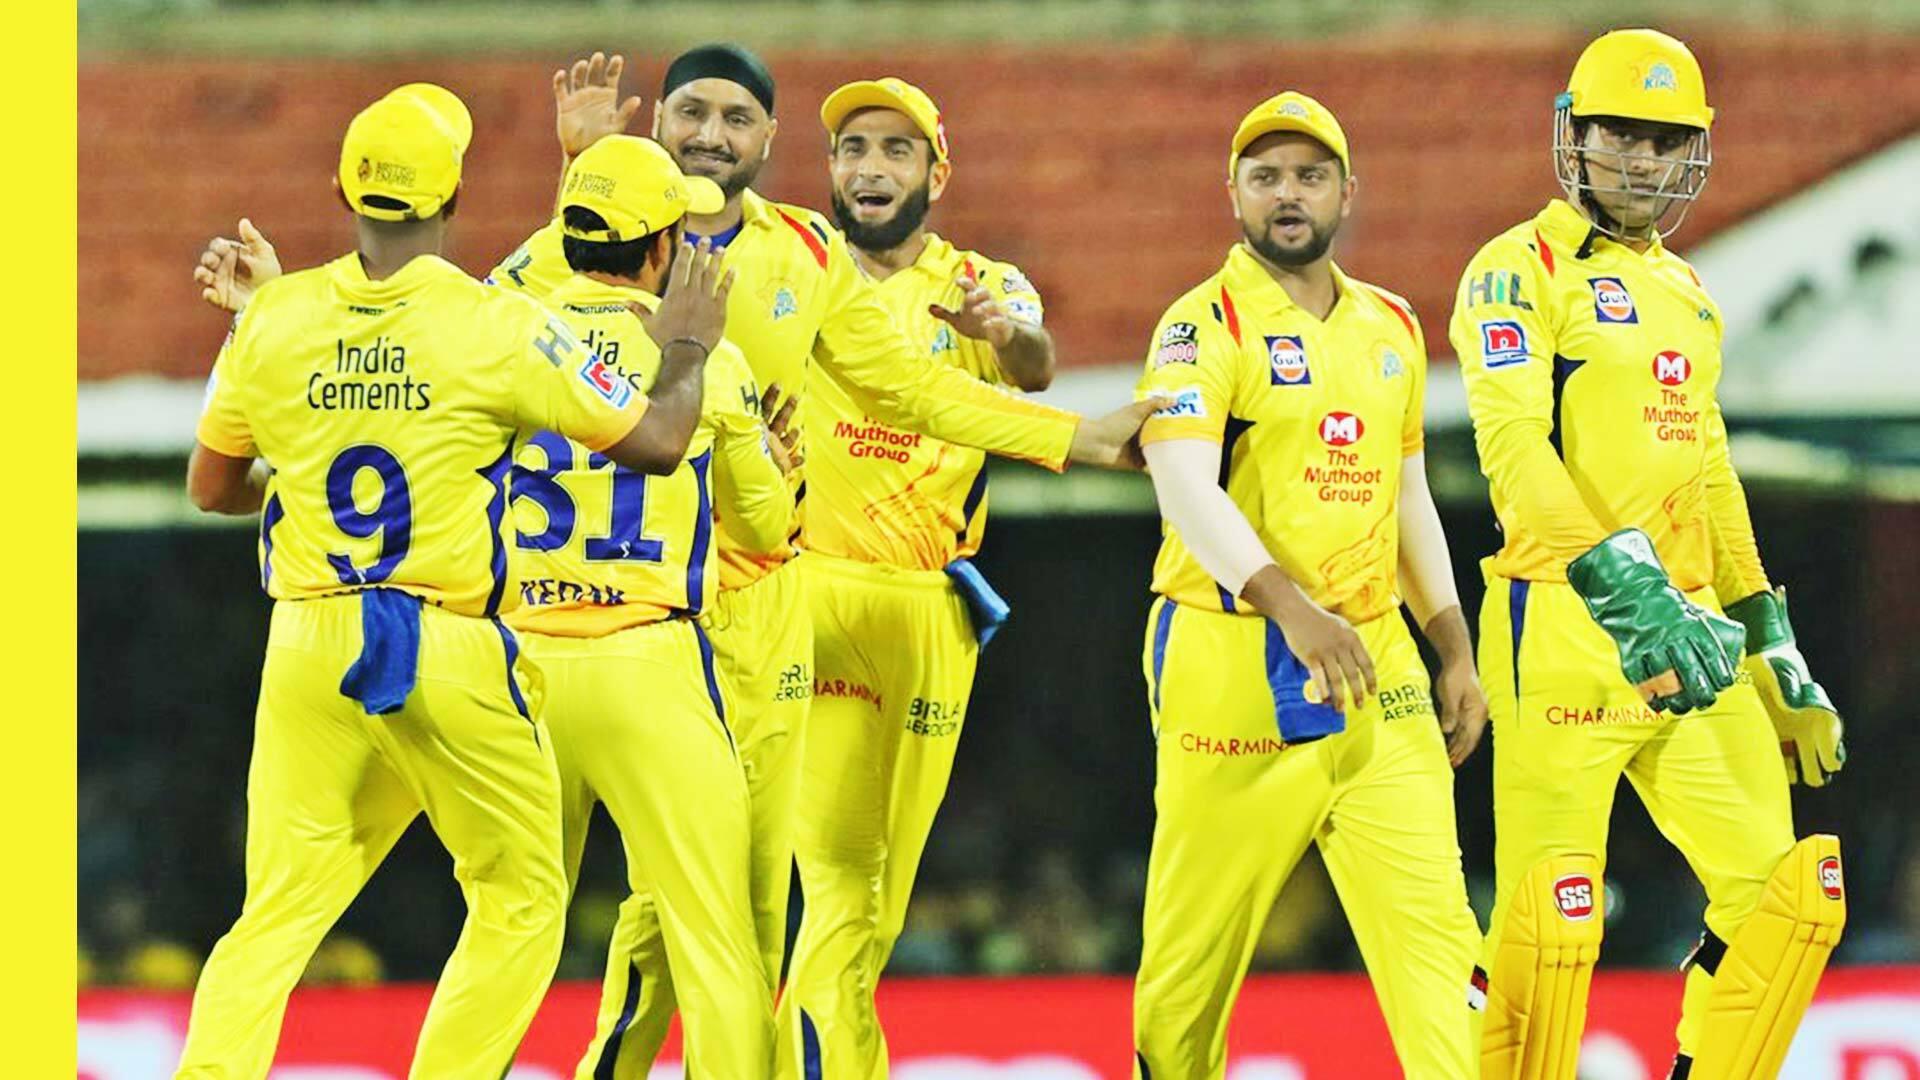 आईपीएल 2019: पॉइंट्स टेबल में पहले स्थान पर होने के बावजूद भी चेन्नई सुपर किंग्स के नाम पर दर्ज हैं यह शर्मनाक रिकॉर्ड 37